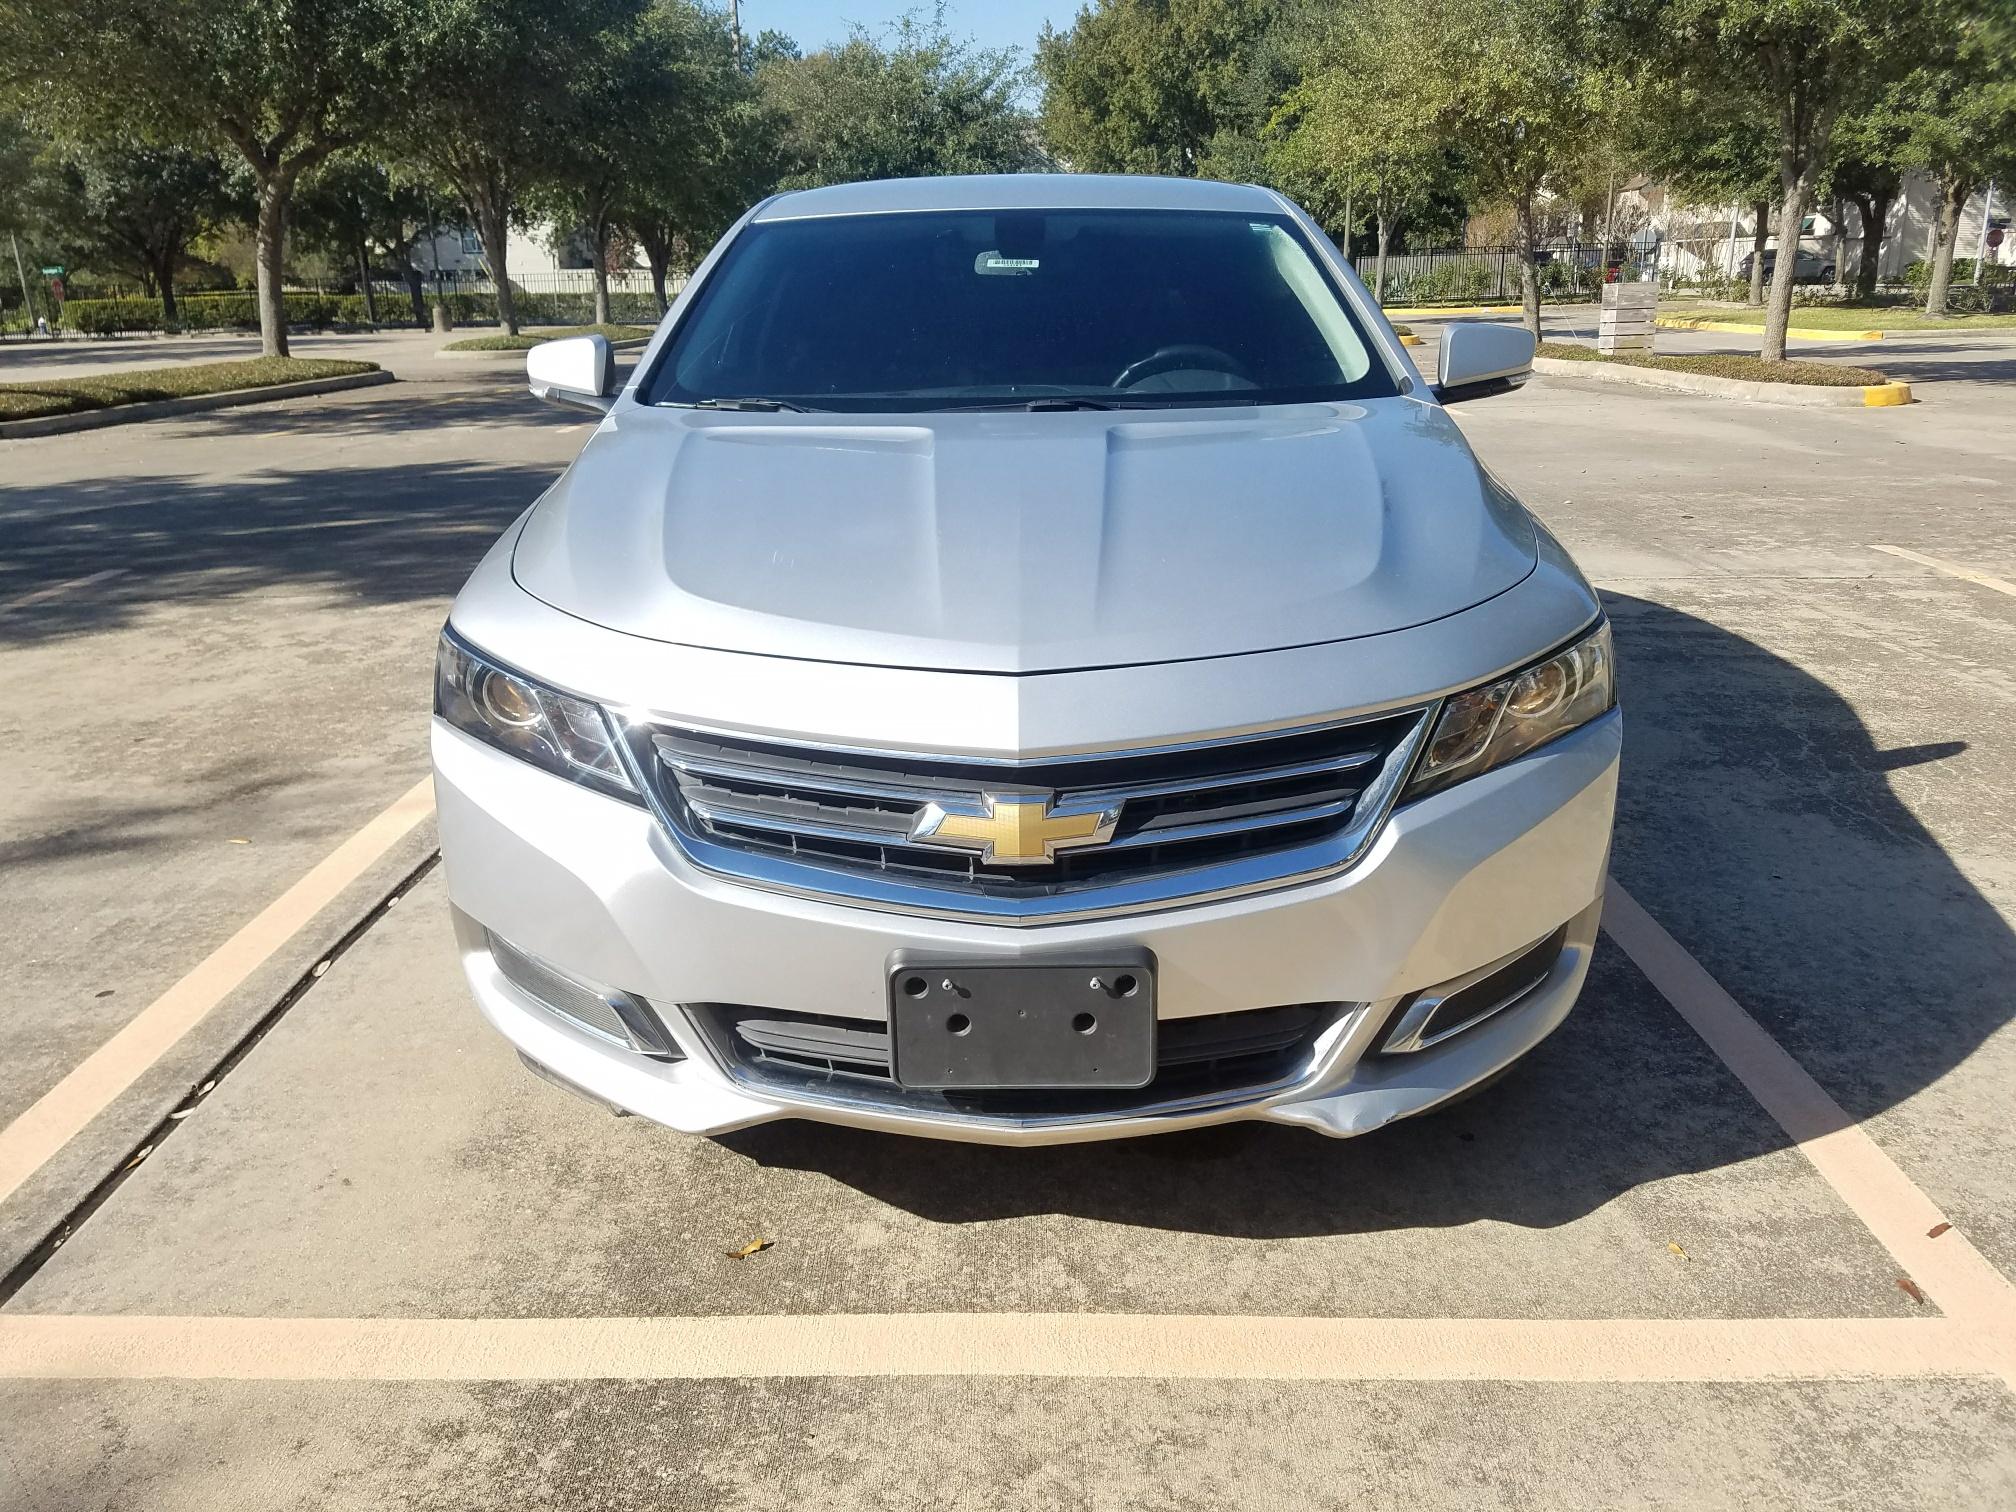 Chevrolet_impala_2016_LT_V6 (1)